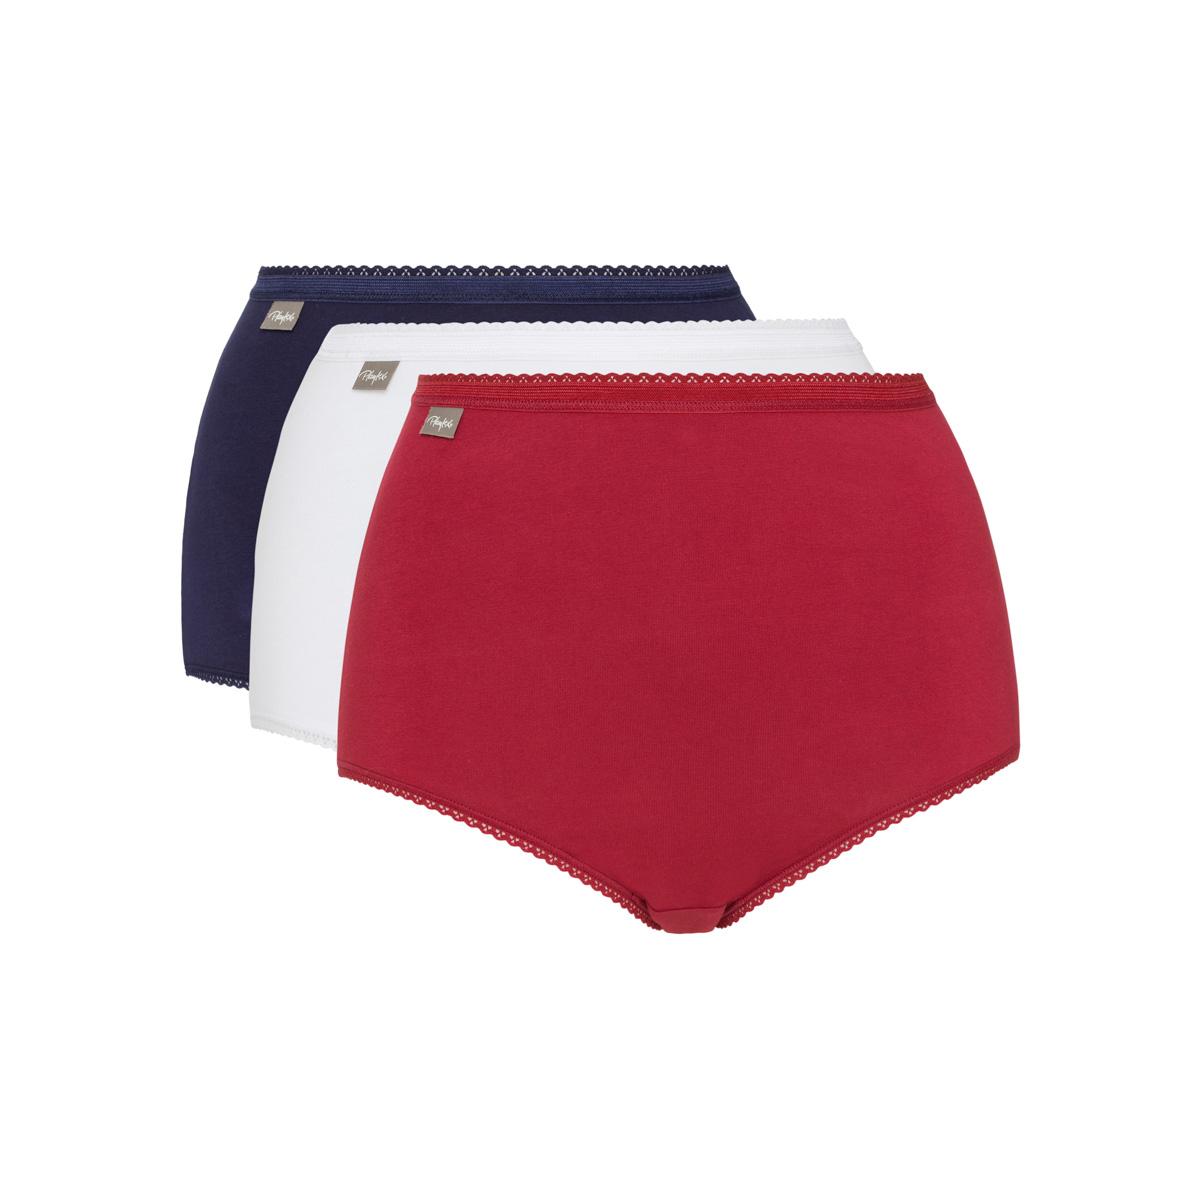 Pacco da 3 Slip vita alta in cotone rosso carminio, blu marino e bianco Cotone Elasticizzato, , PLAYTEX